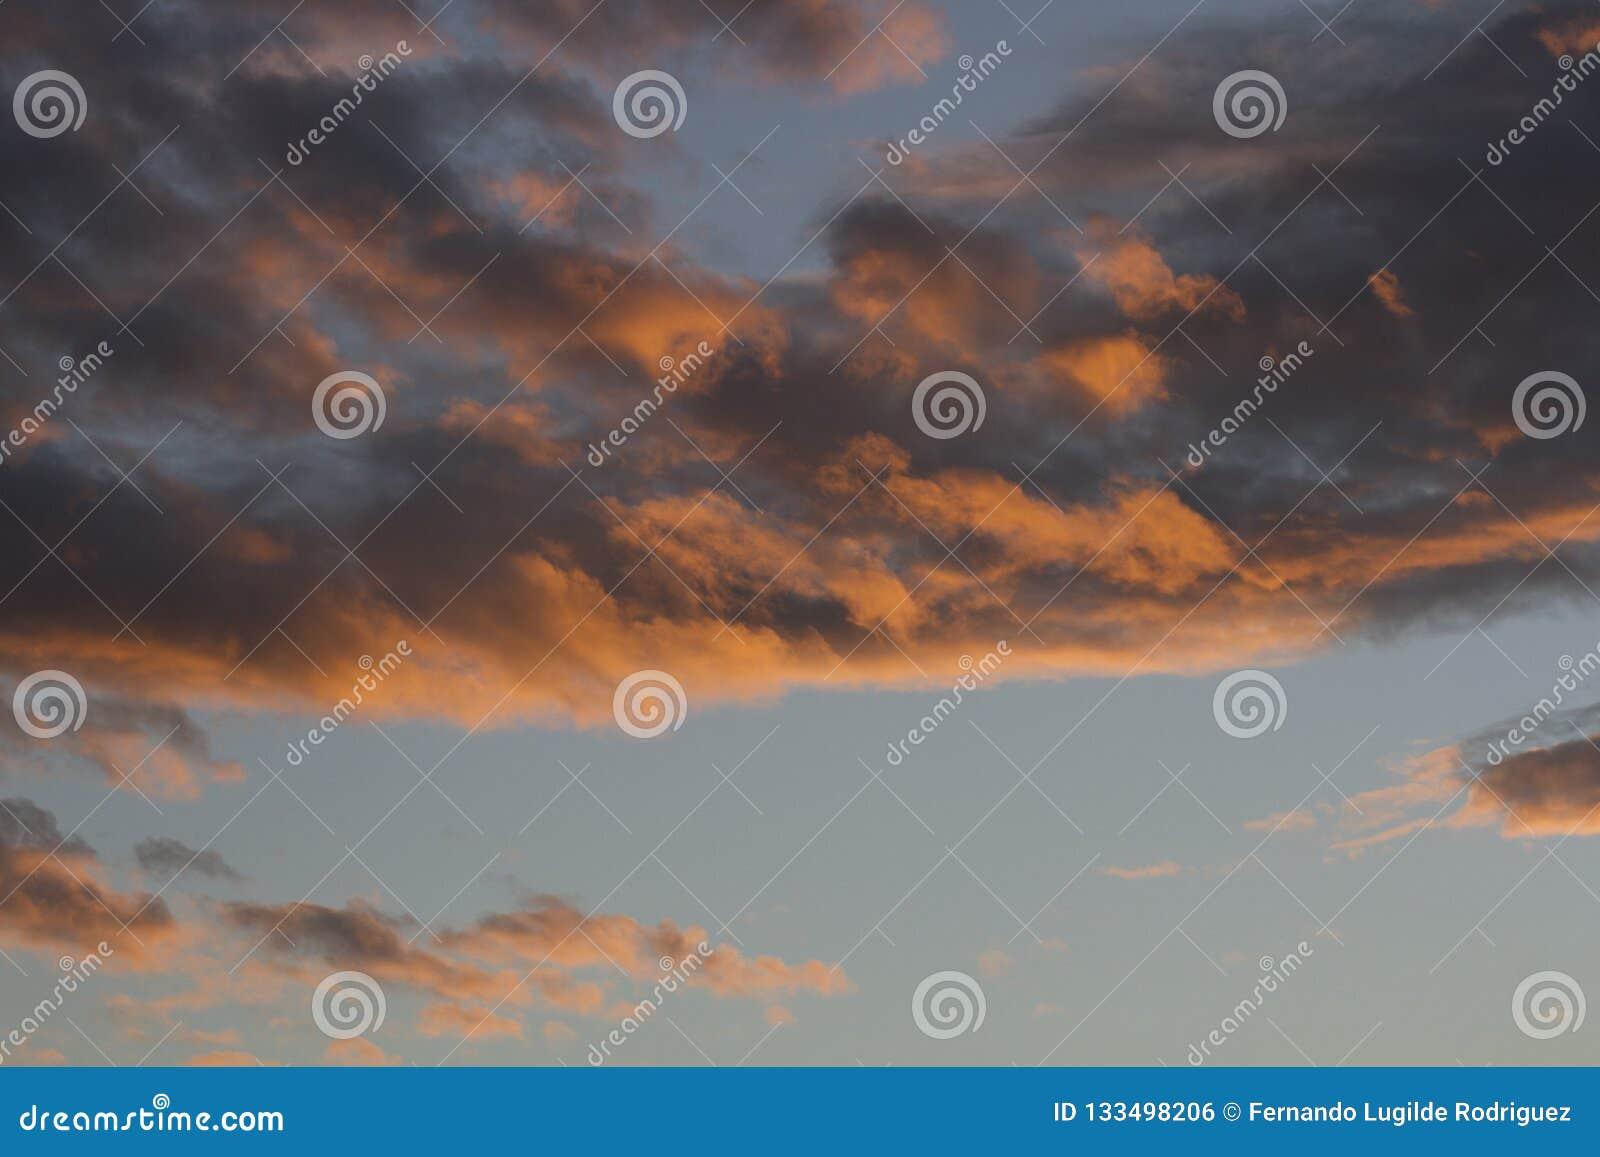 Winter-Sonnenuntergang nachgedacht über flaumige Wolken